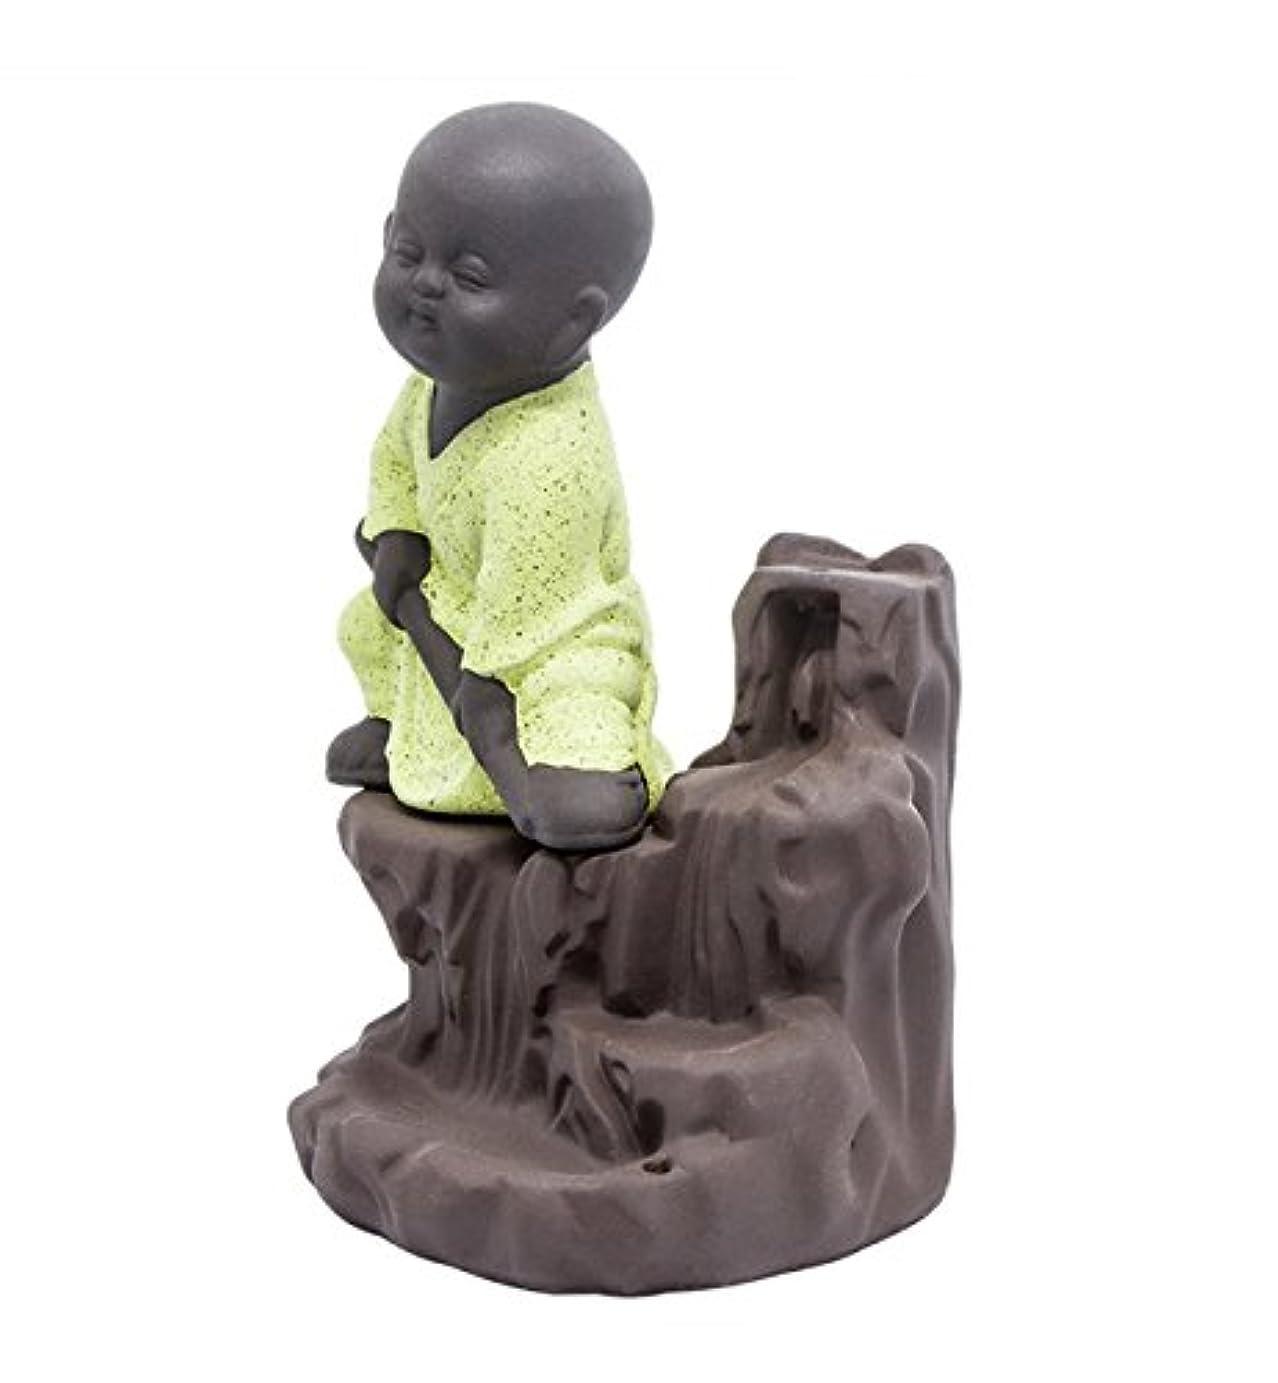 アラブ模倣悪性逆流香炉タワーCones Sticks Little Monkホルダーセラミック磁器Buddha Monk Ashキャッチャーby Simon & # xff08 ;イエロー& # xff09 ;